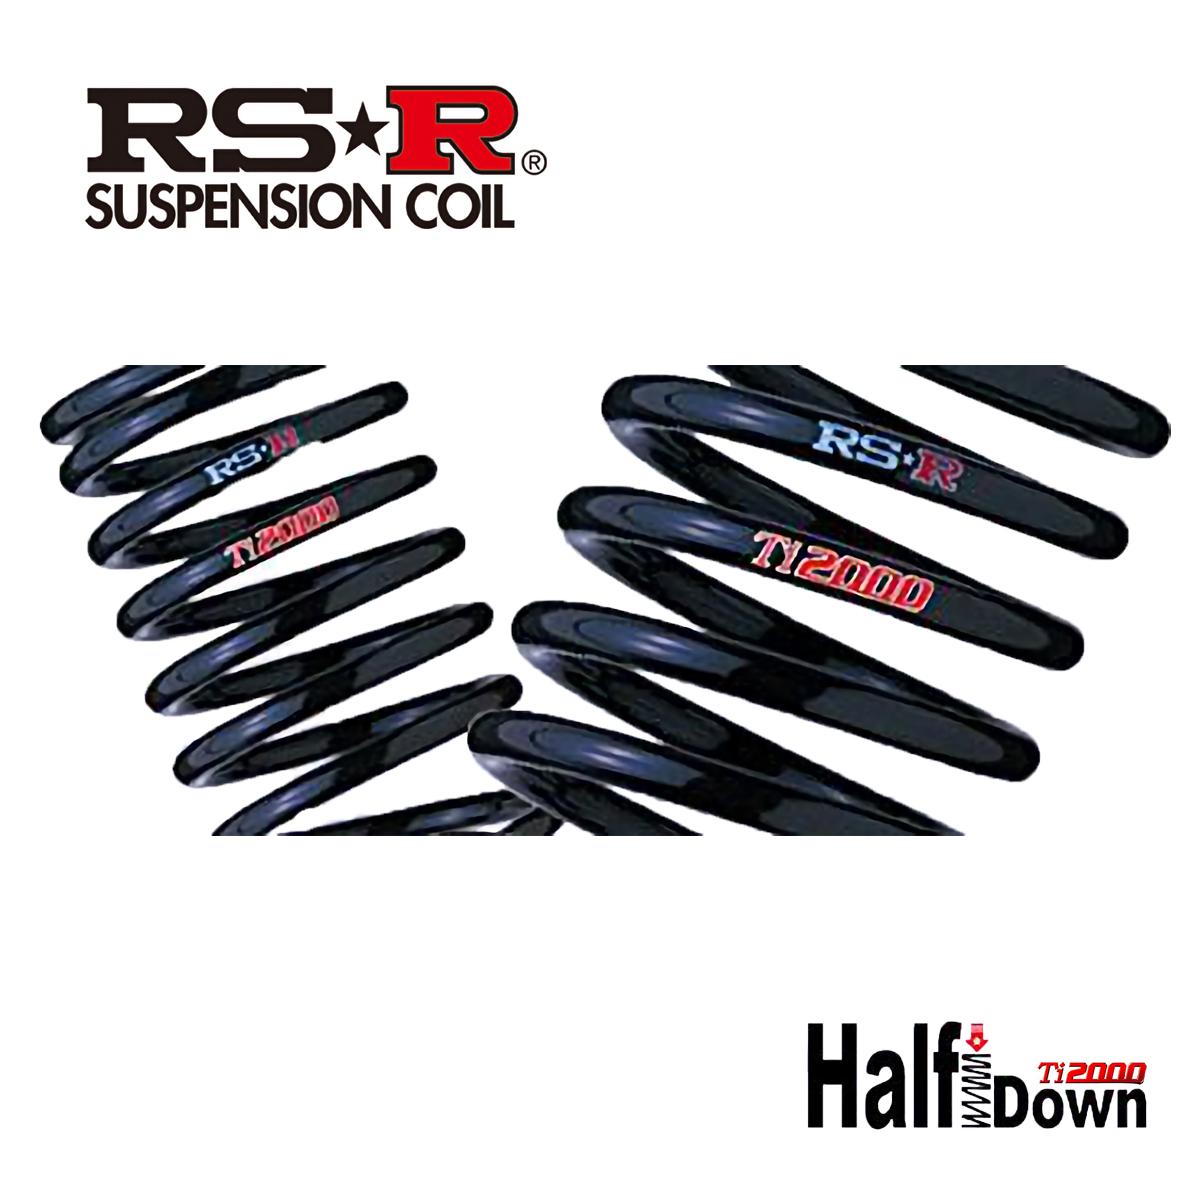 RS-R カローラツーリング ZWE211W ハイブリッドS ダウンサス スプリング 1台分 T814THD Ti2000 ハーフダウン RSR 個人宅発送追金有